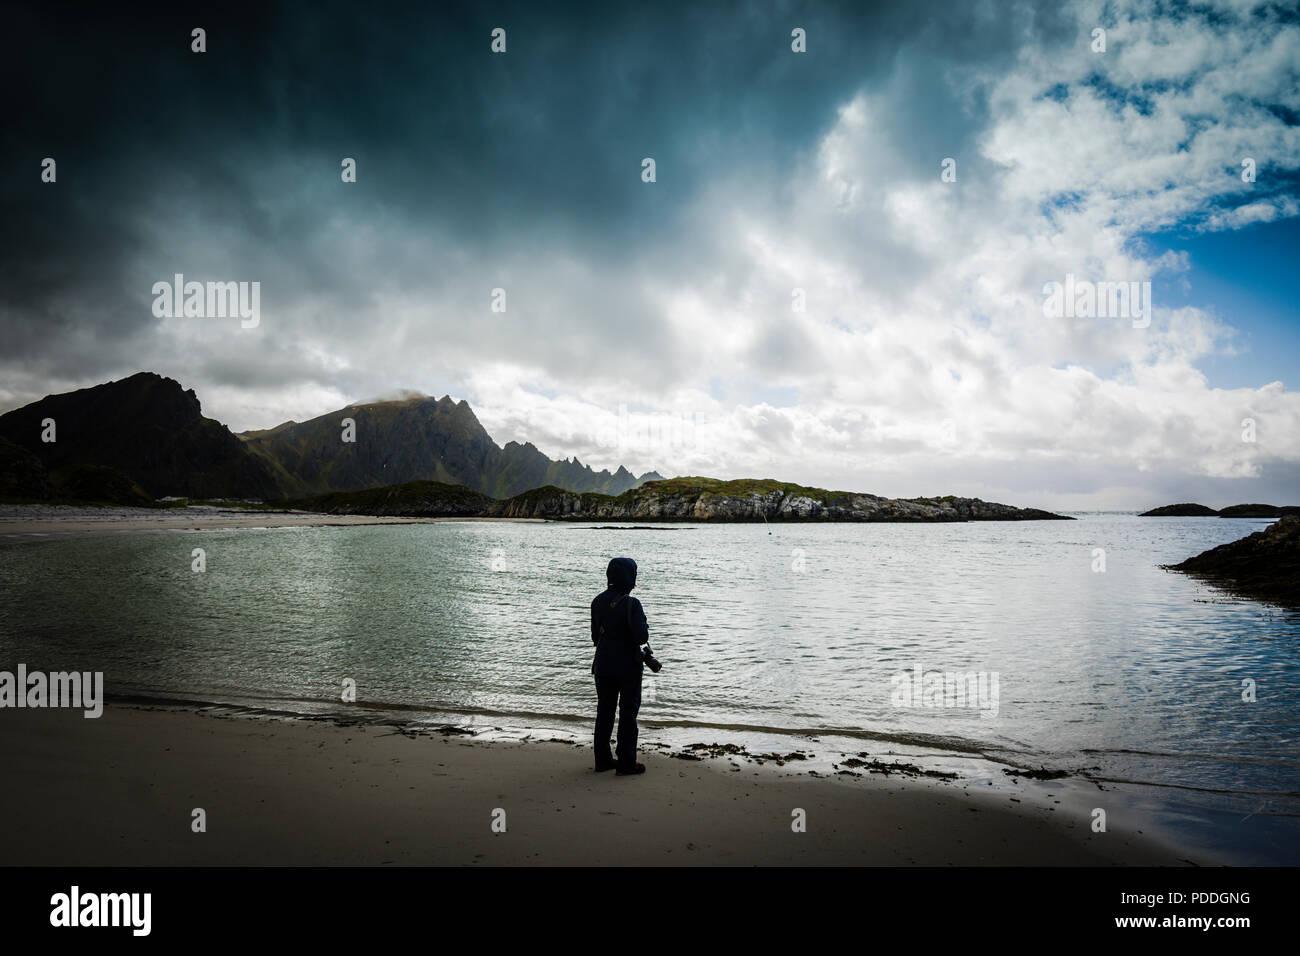 Única hembra en un día tempestuoso en andenes playa, Vesteralen, Noruega. Imagen De Stock